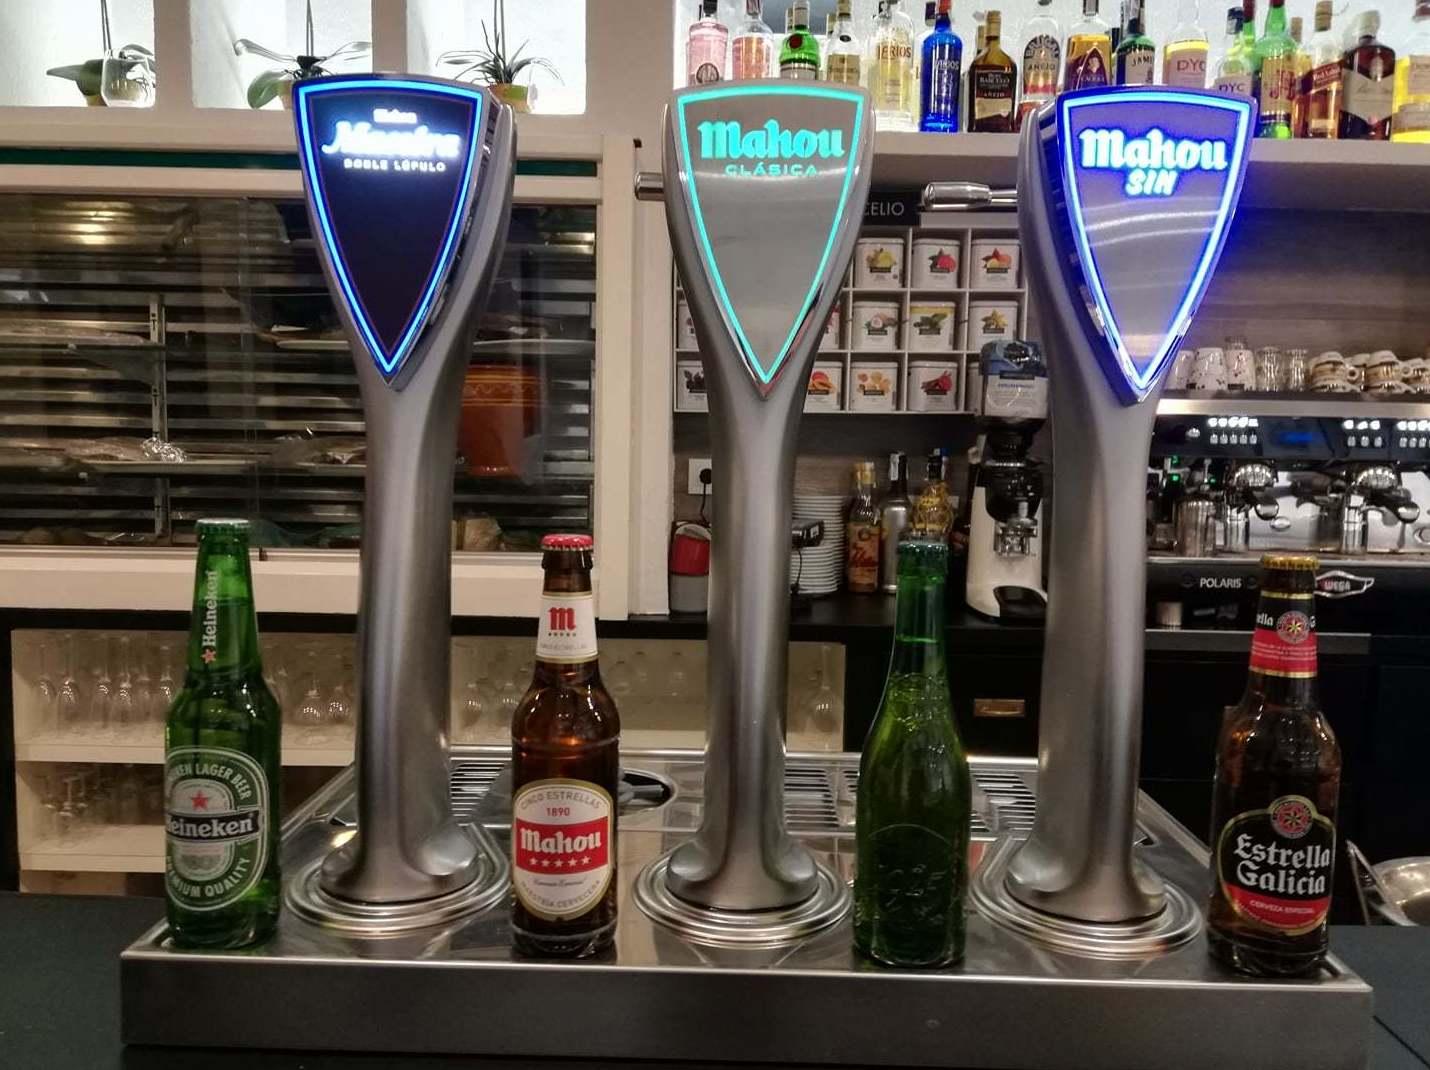 La mejor selección de cervezas